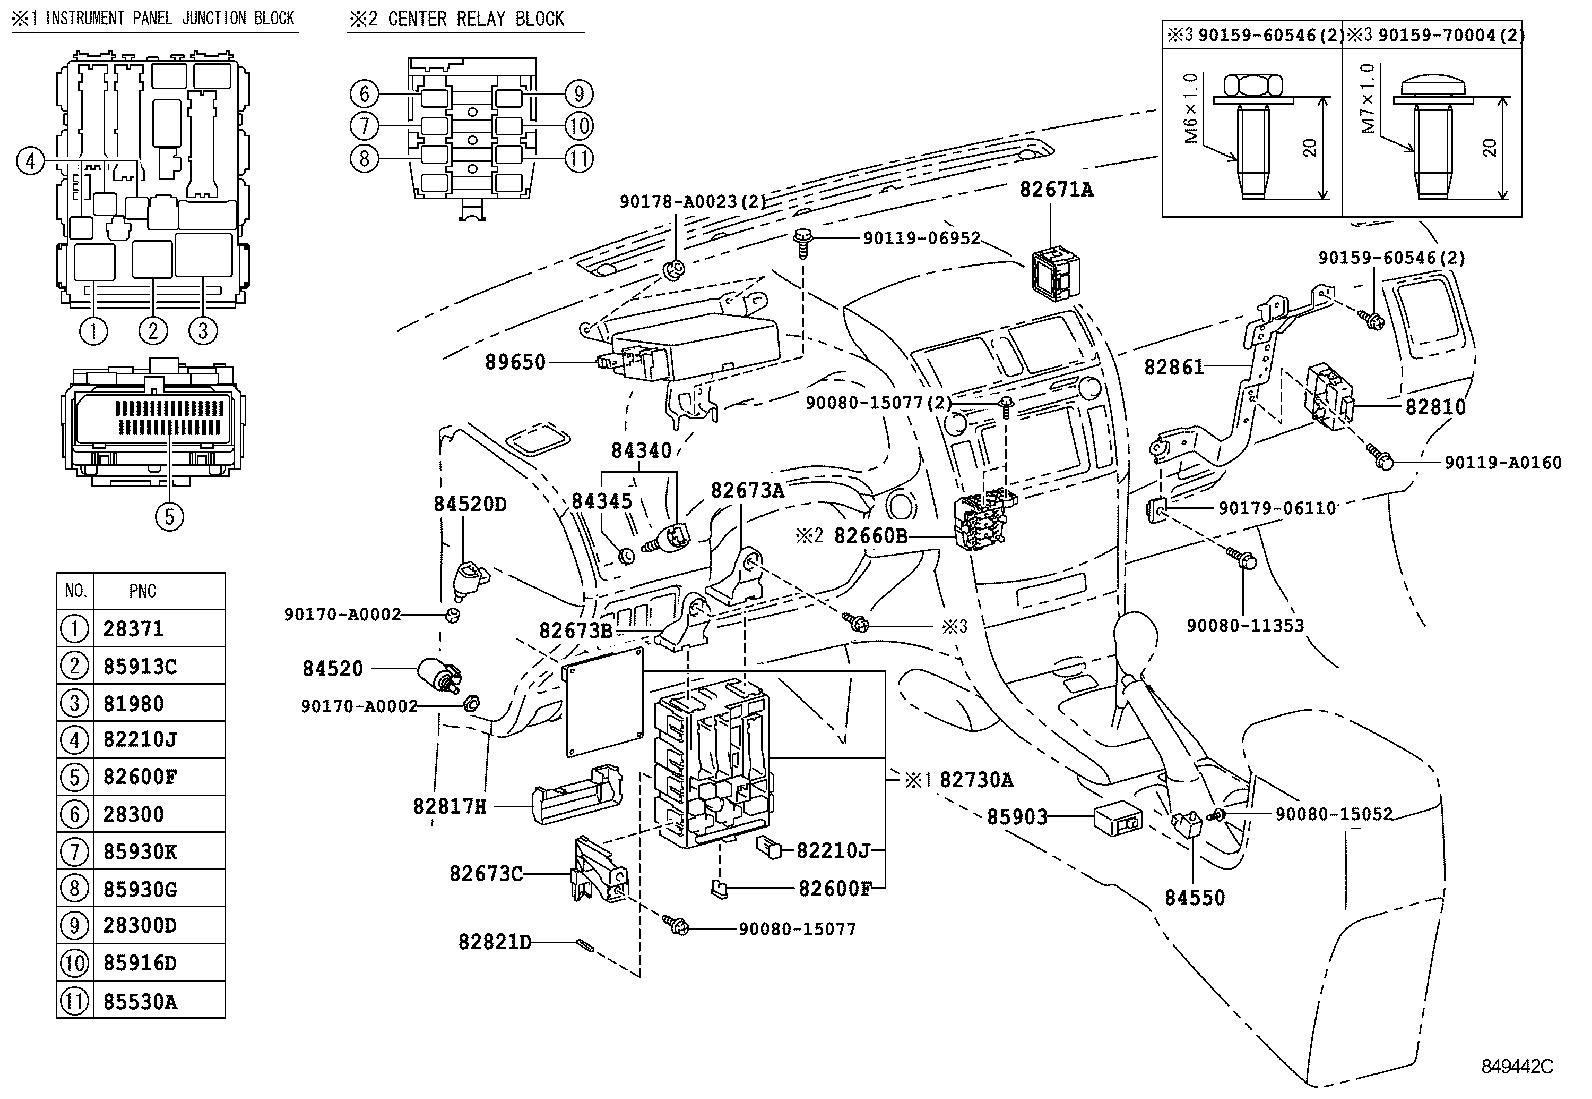 toyota corolla napzre142l-depnka - electrical